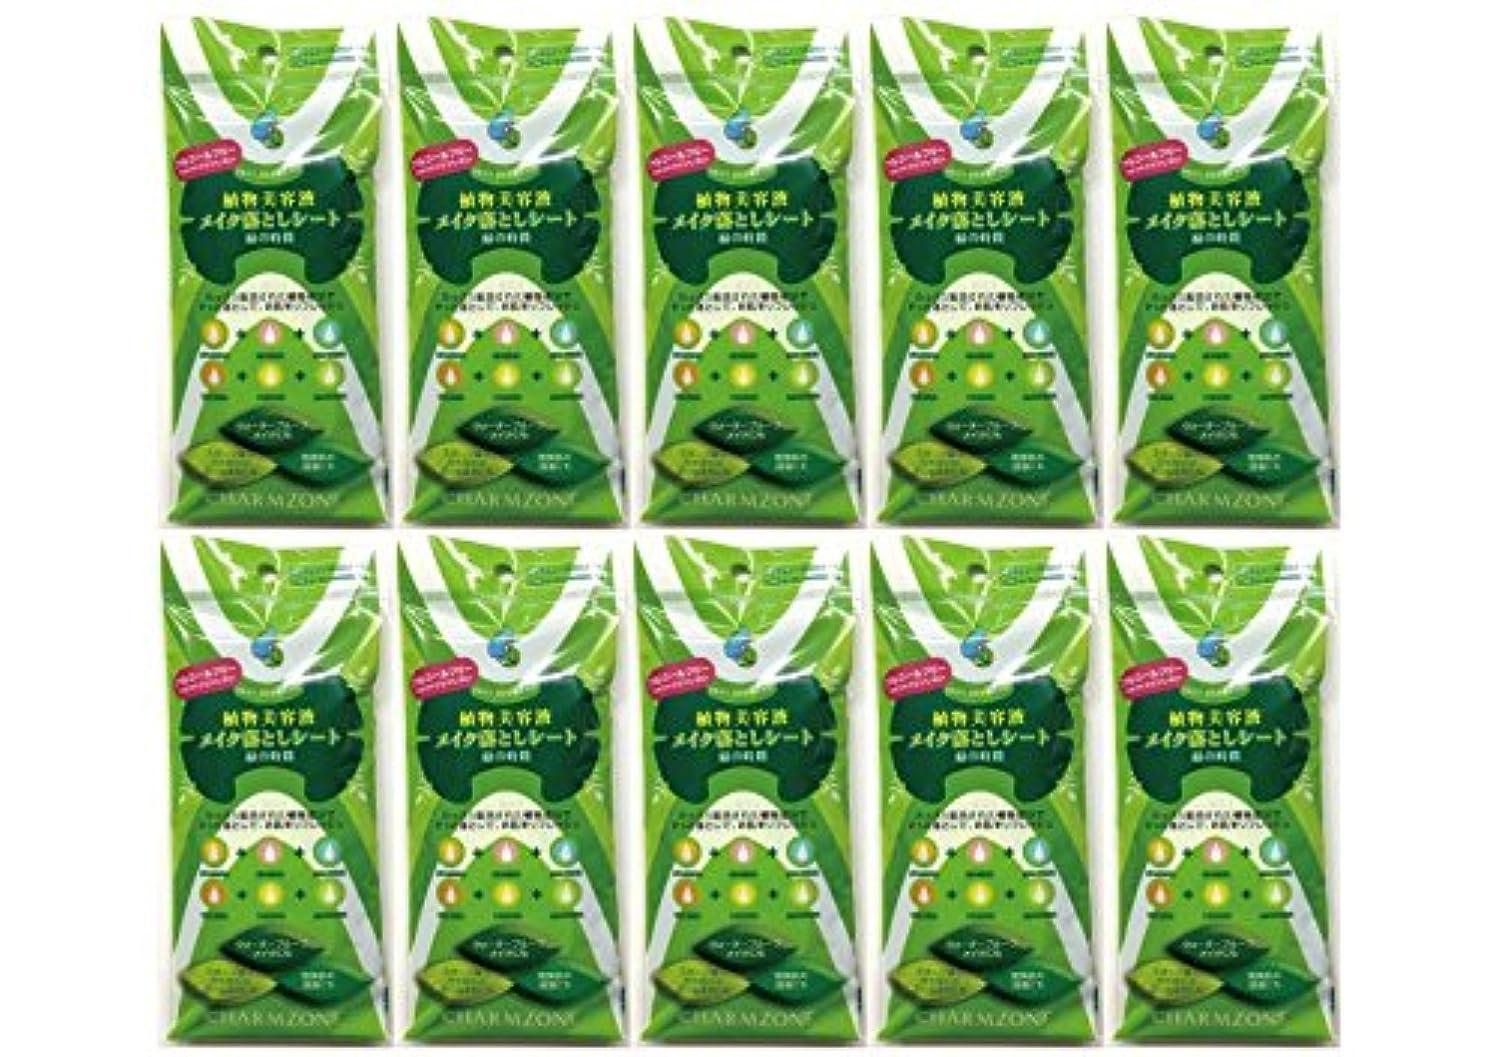 ヶ月目運営見習い植物美容液メイク落としシート 緑の時間10ヶセット